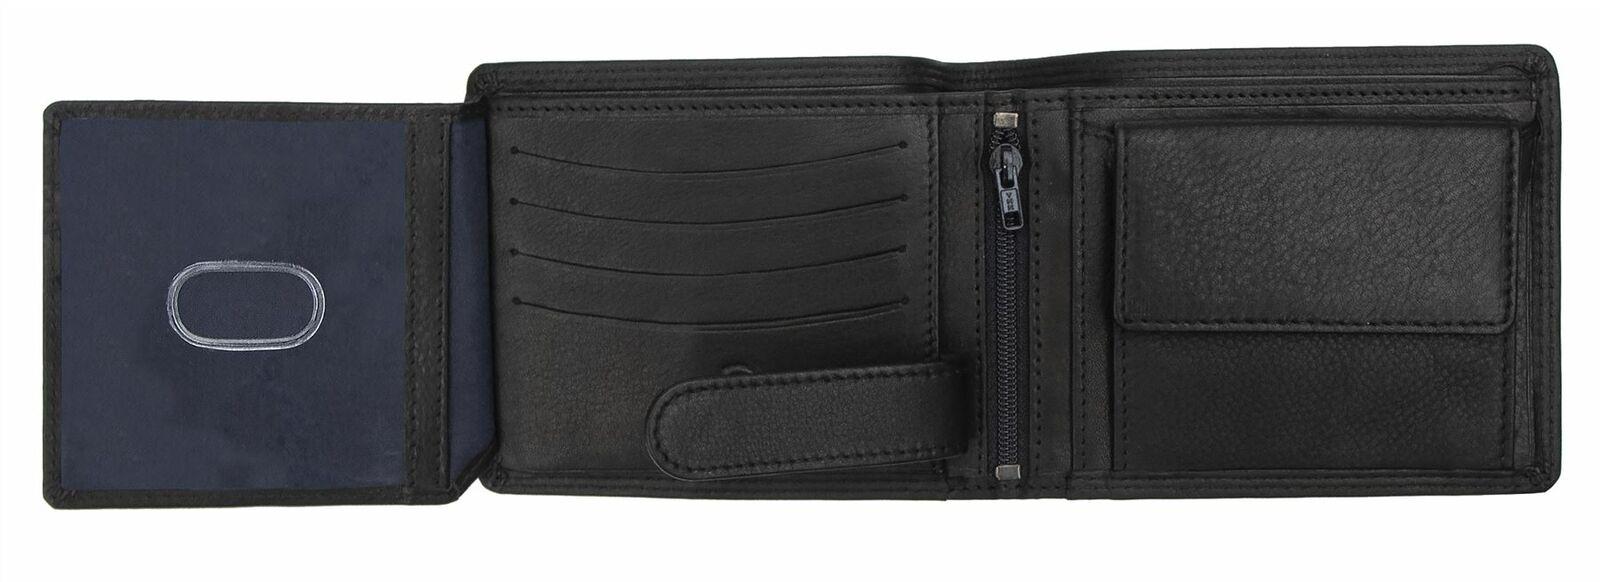 Primhide Mens Leather RFID Blocking Wallet Gents Notecase Card Holder 3898